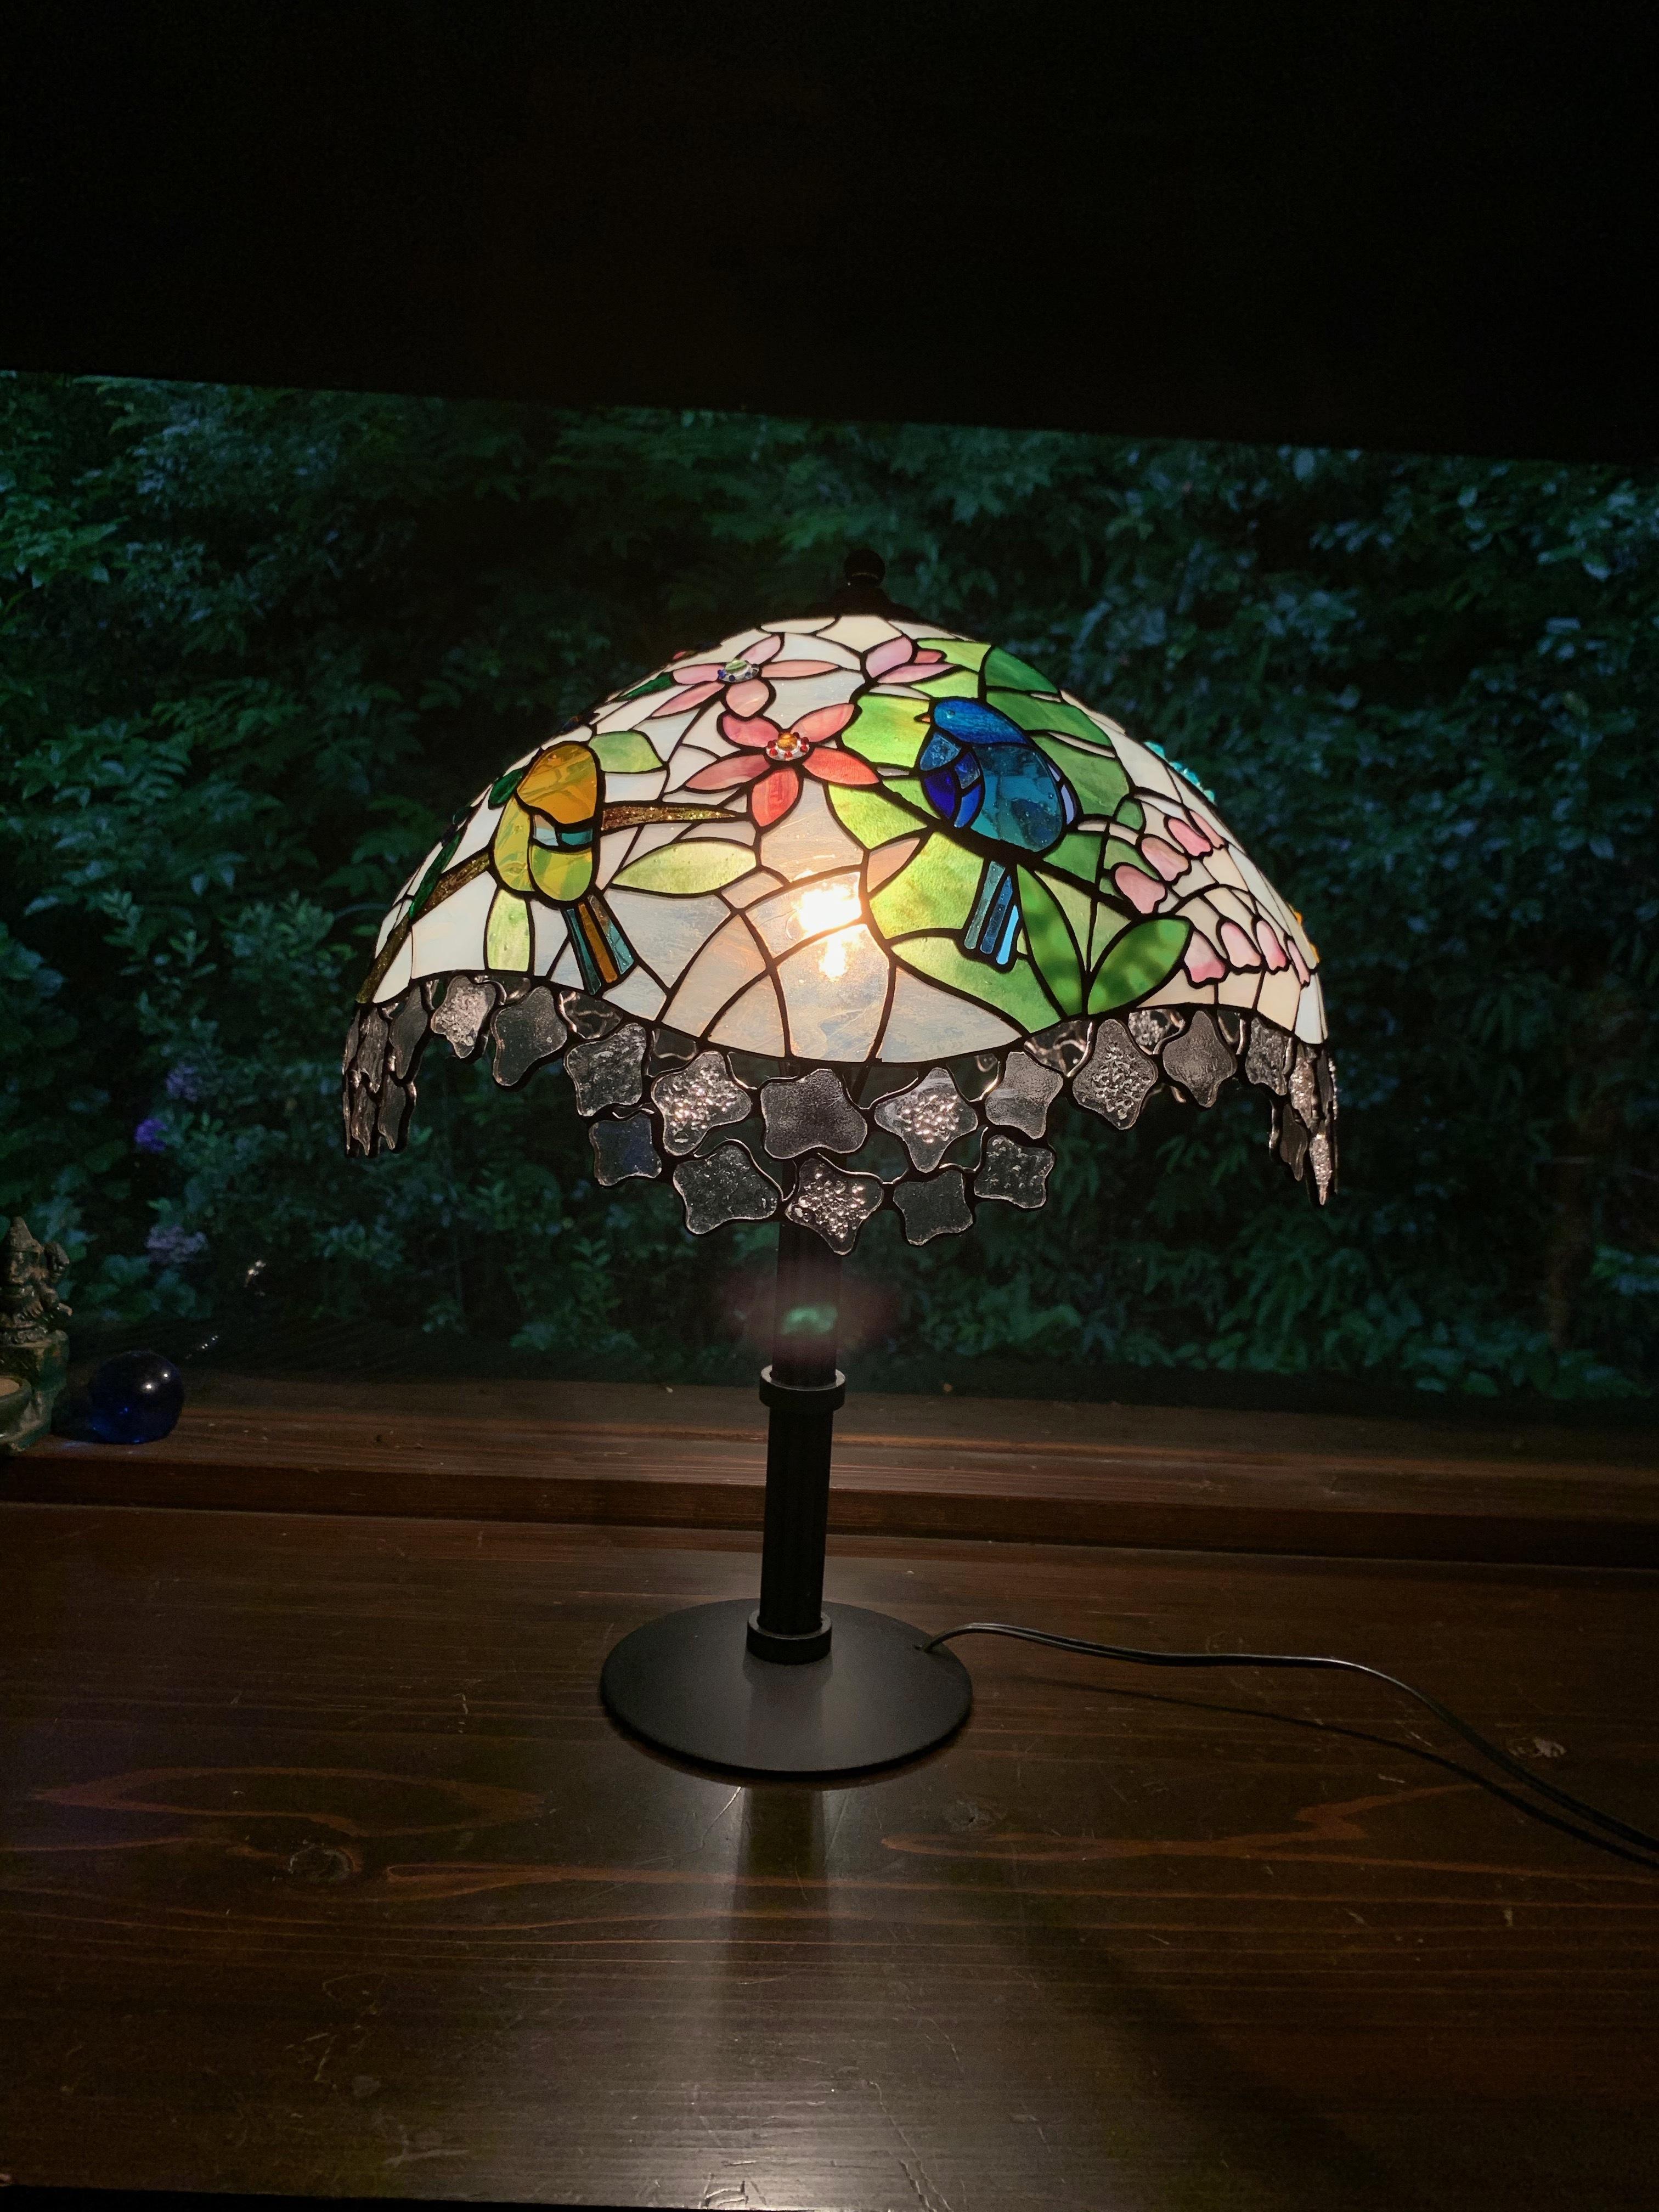 【限定作品】コトリの来る庭の風景(ステンドグラスのテーブルランプ)01020217